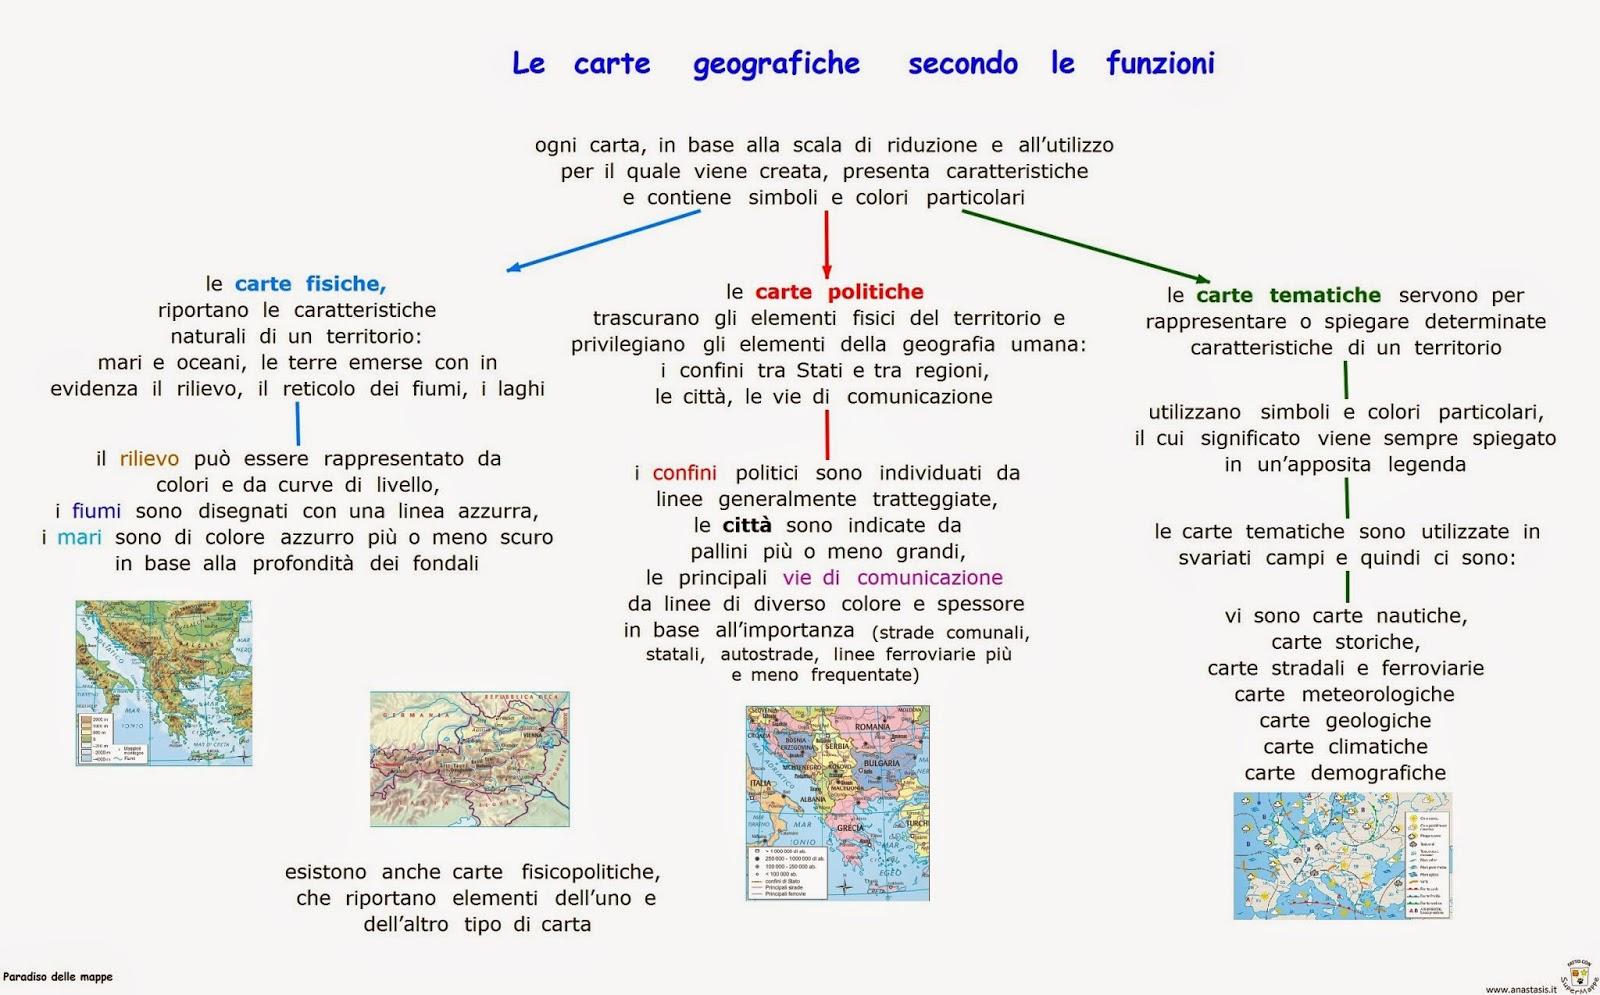 Paradiso Delle Mappe Le Carte Geografiche Secondo Le Funzioni